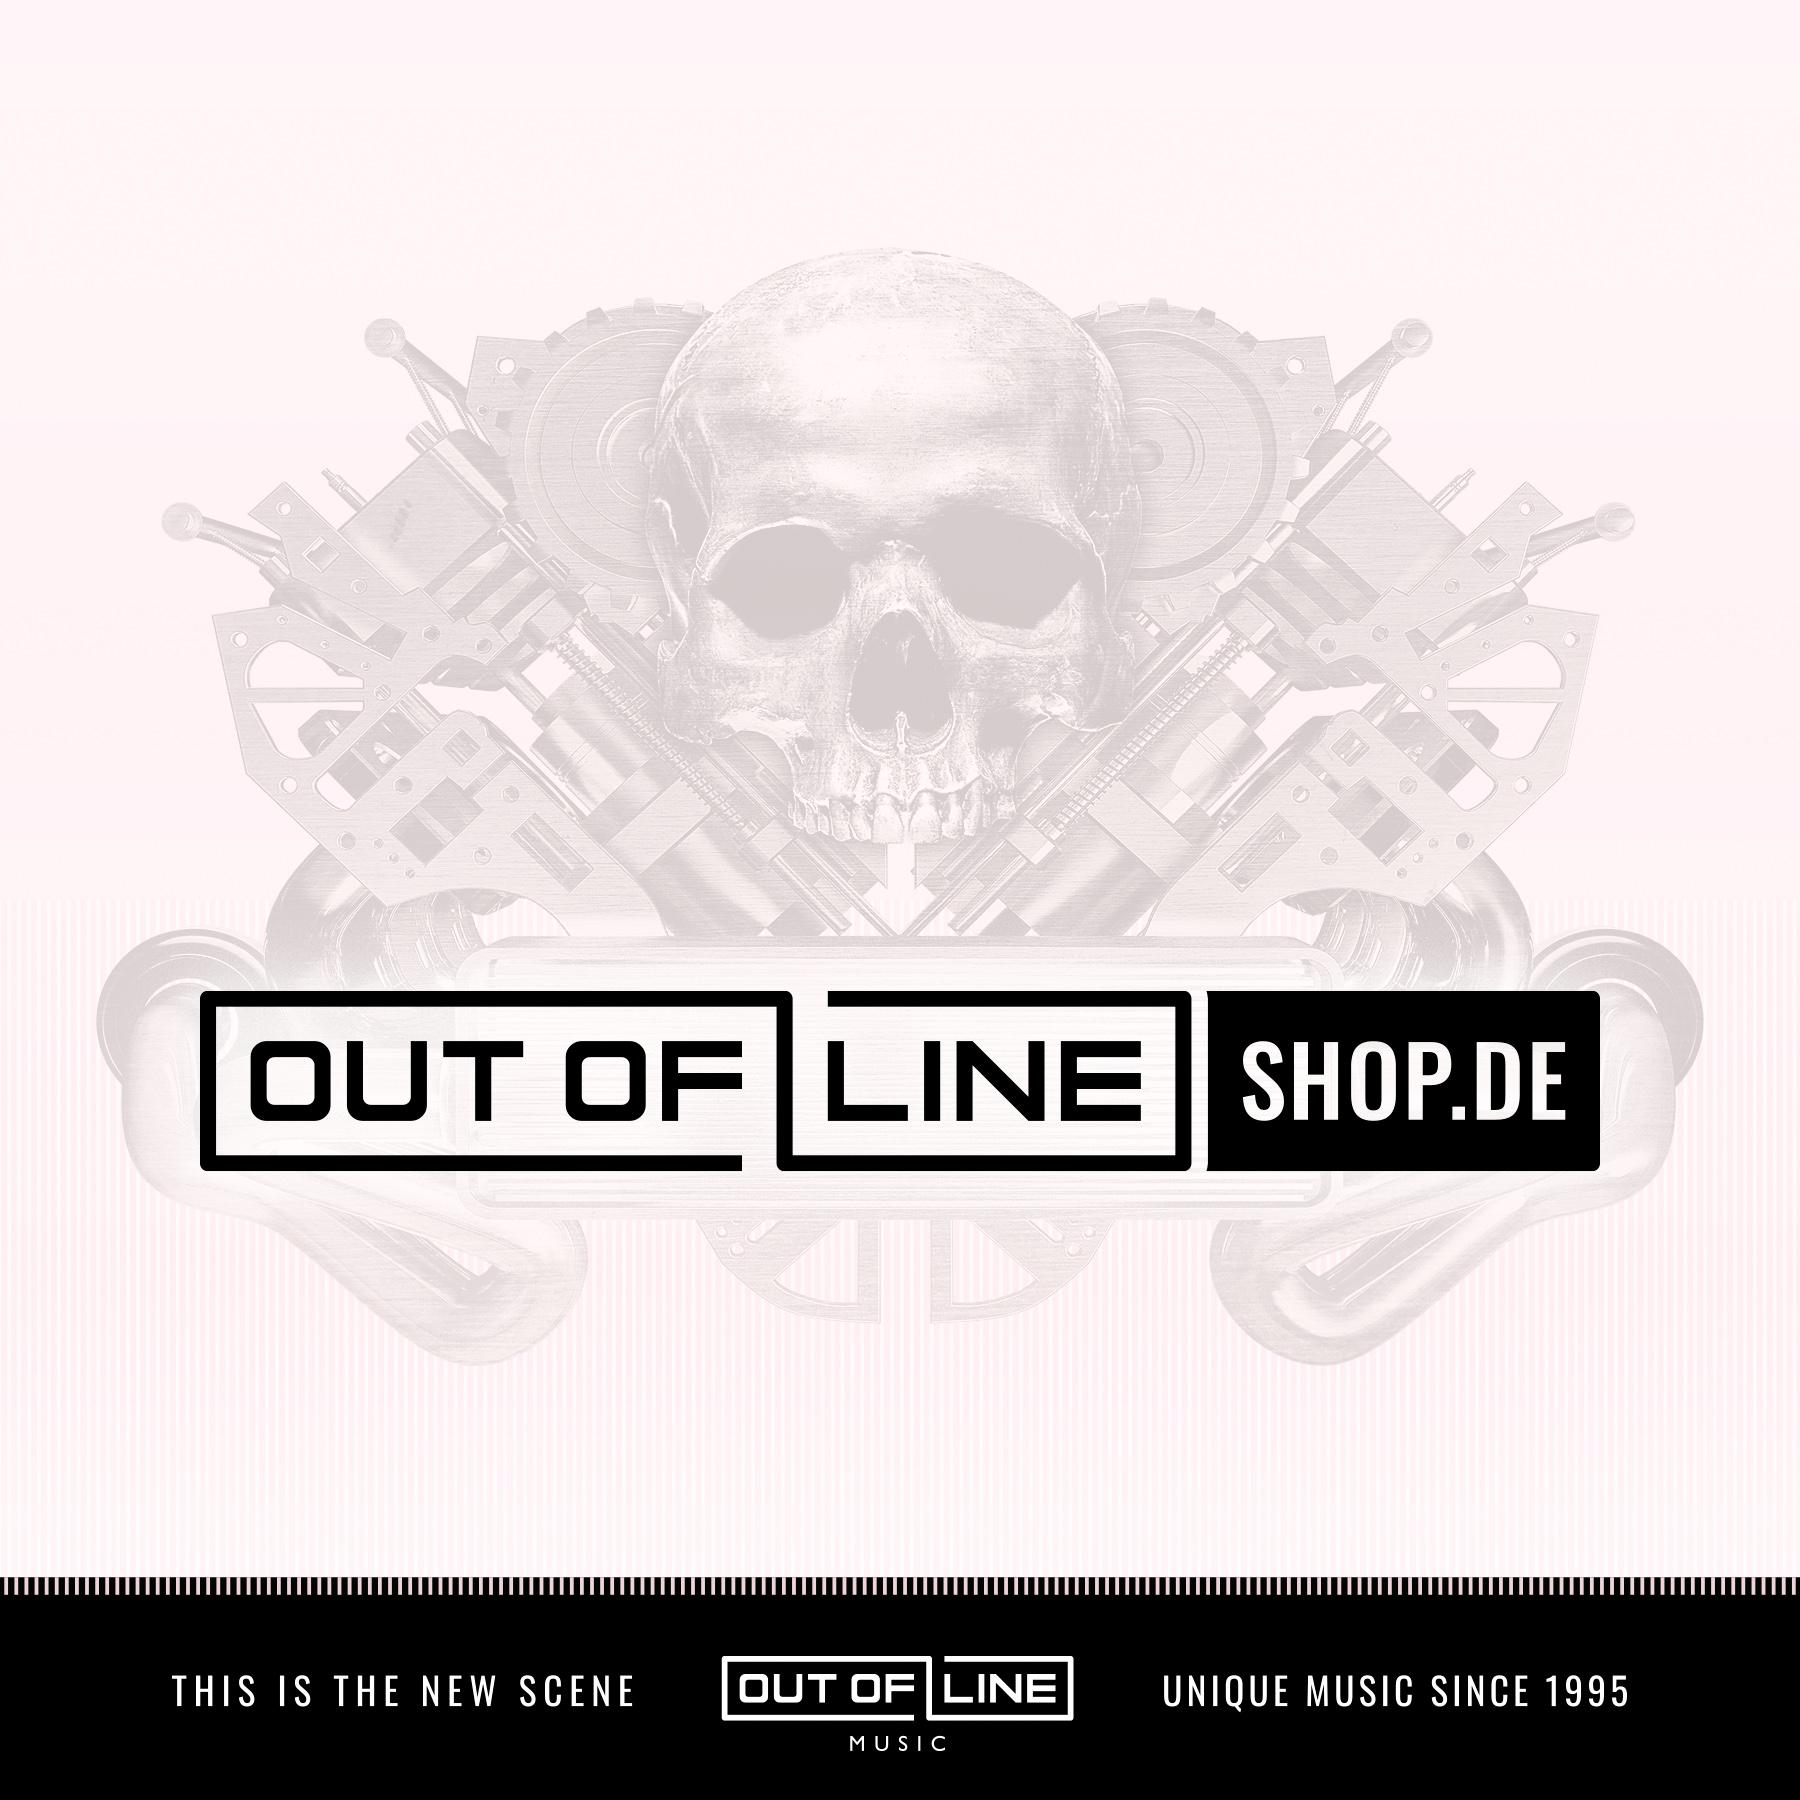 V.A. - More Than Nine Lives - 2CD - ltd. 2CD